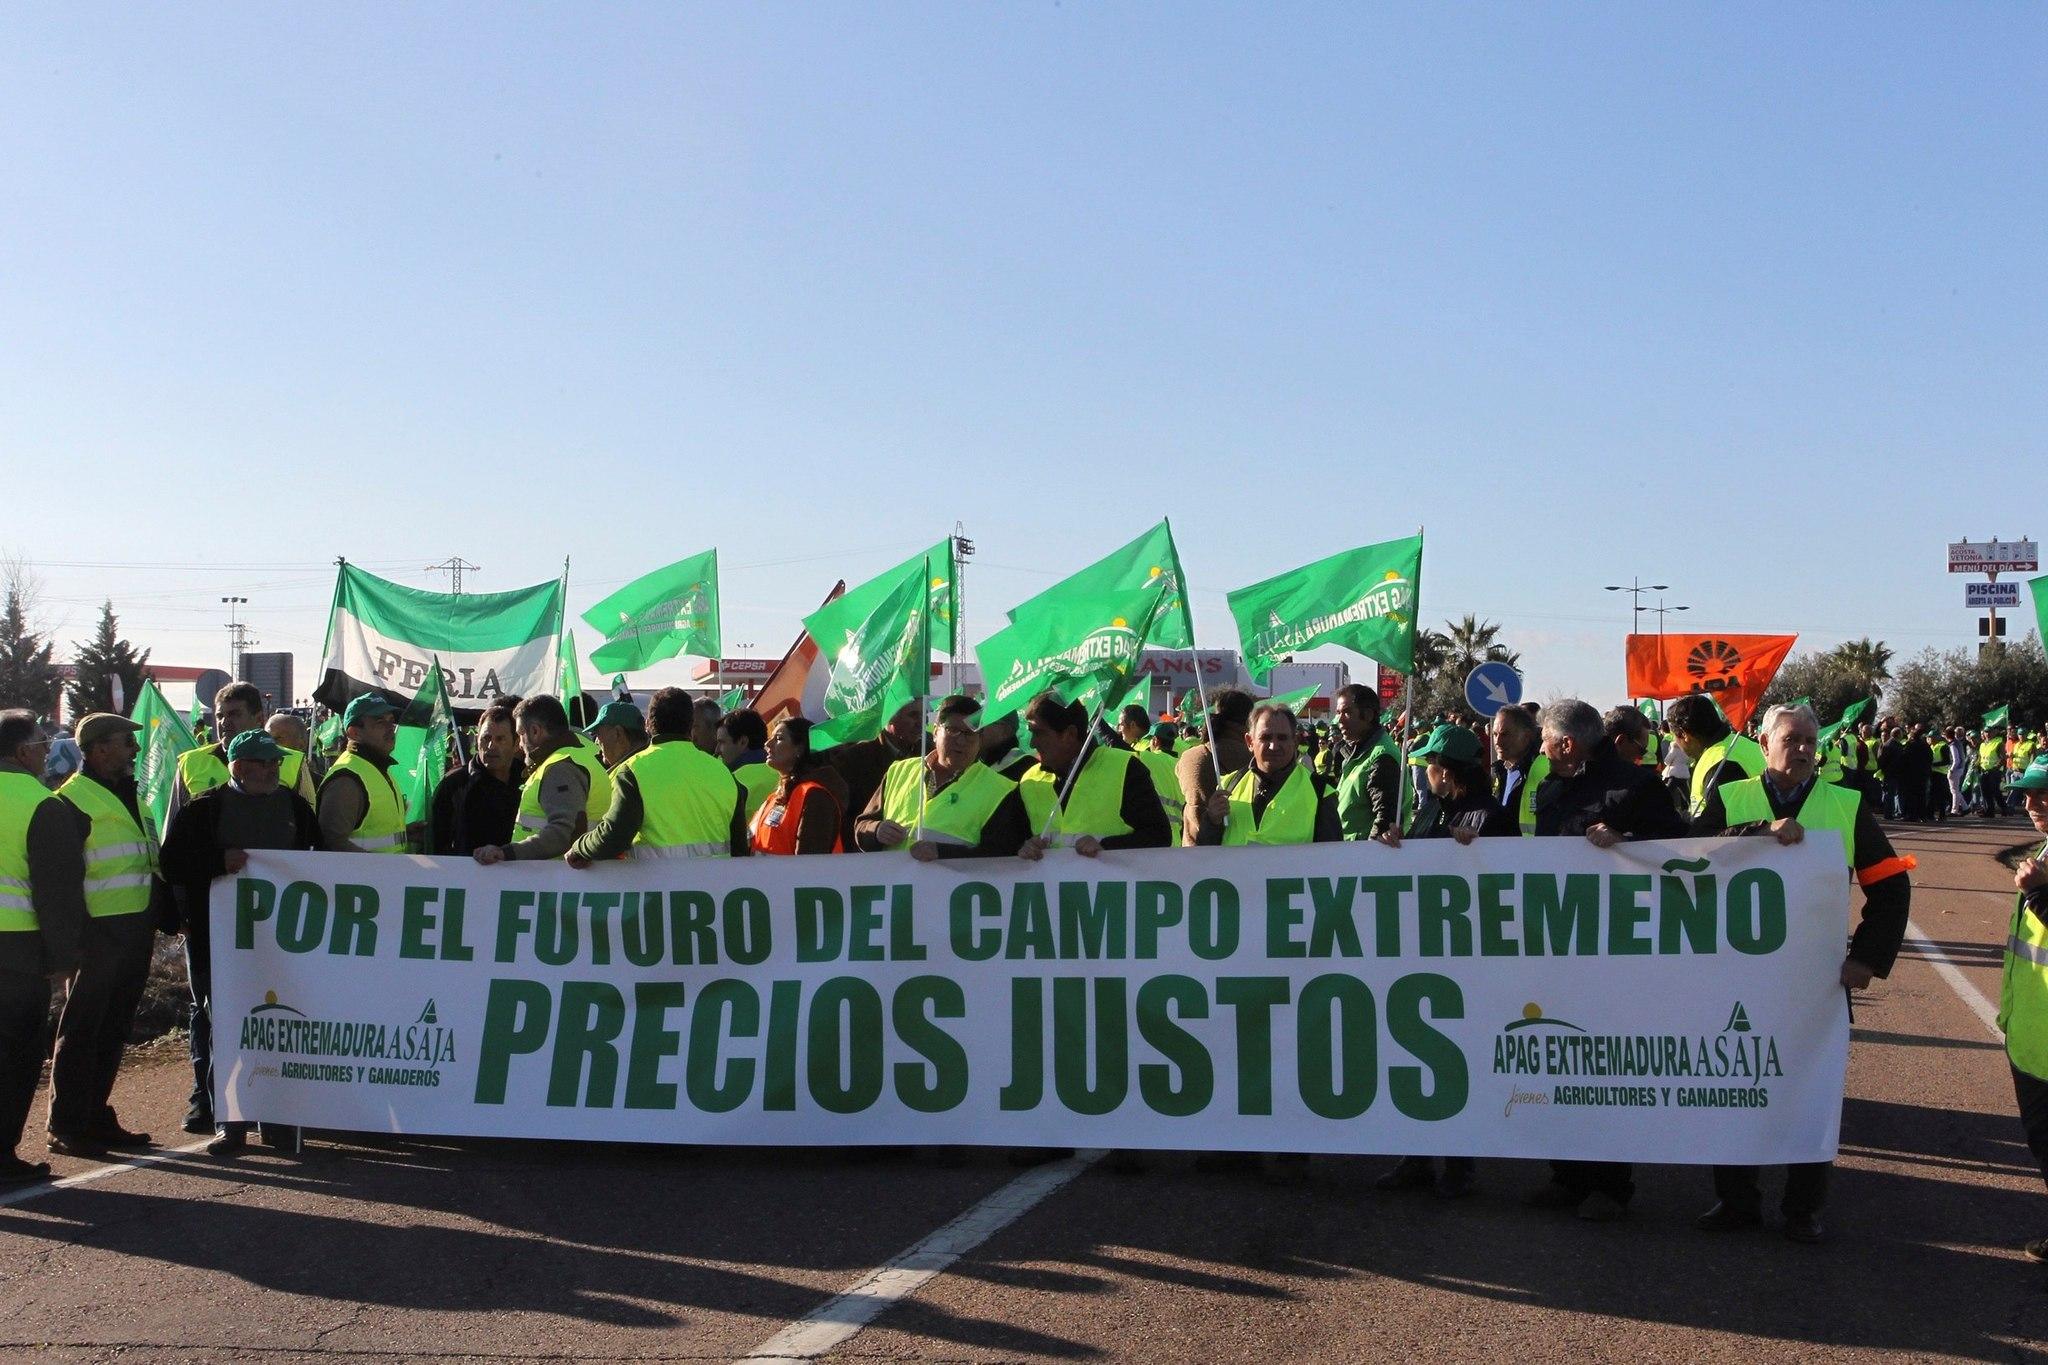 Las protestas de los agricultores extremeños colapsan las autovías A-5 y A-66